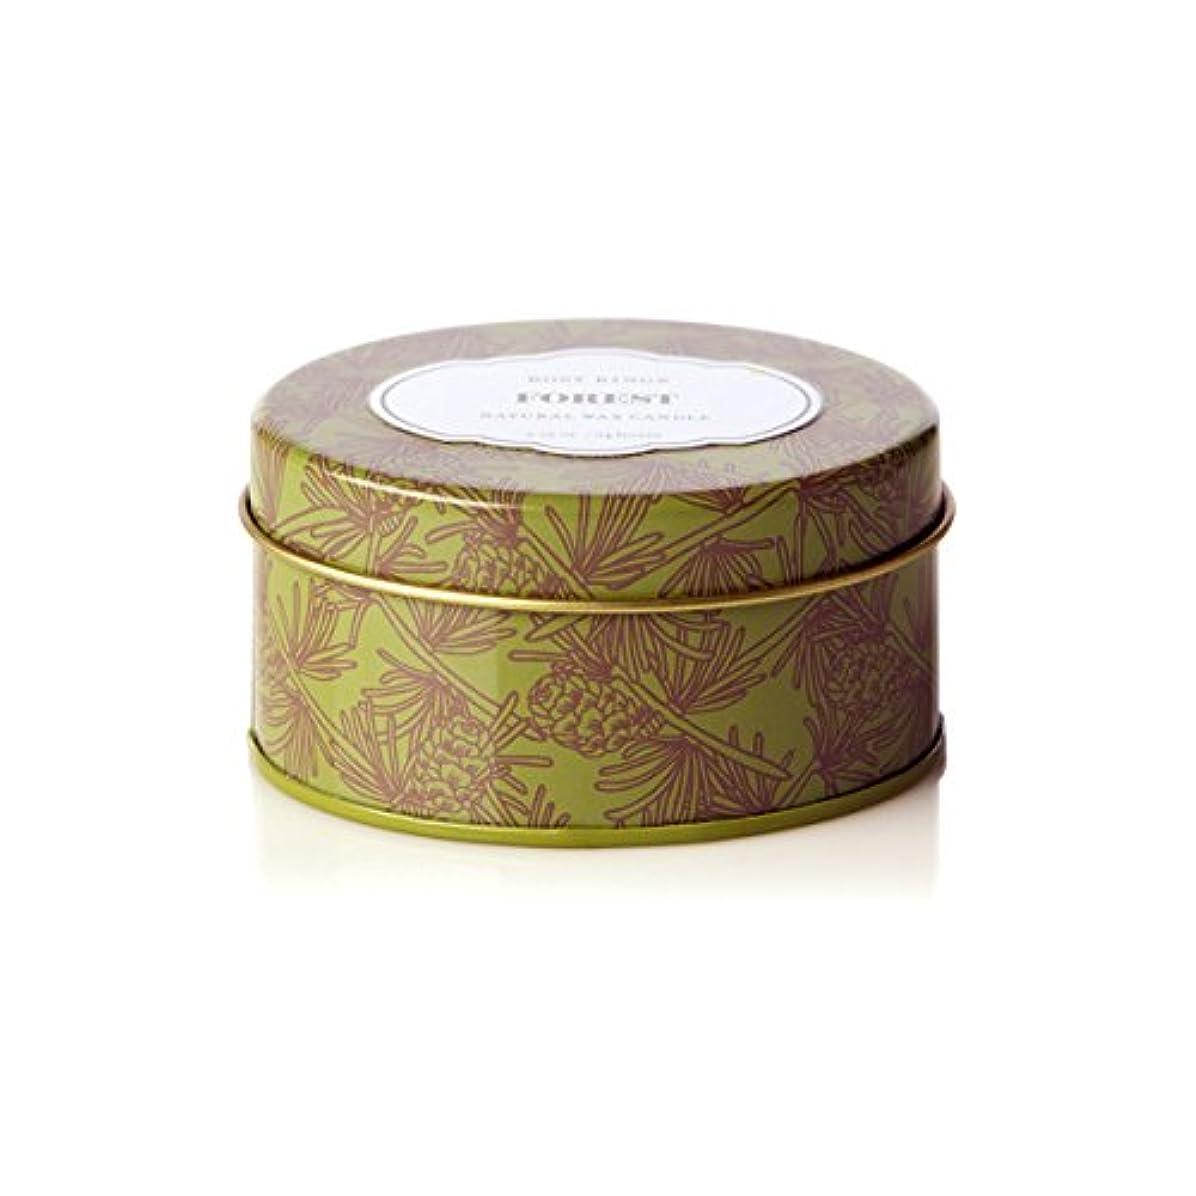 に対してロマンチックメトロポリタンロージーリングス トラベルティンキャンドル フォレスト ROSY RINGS Forest Travel Tin